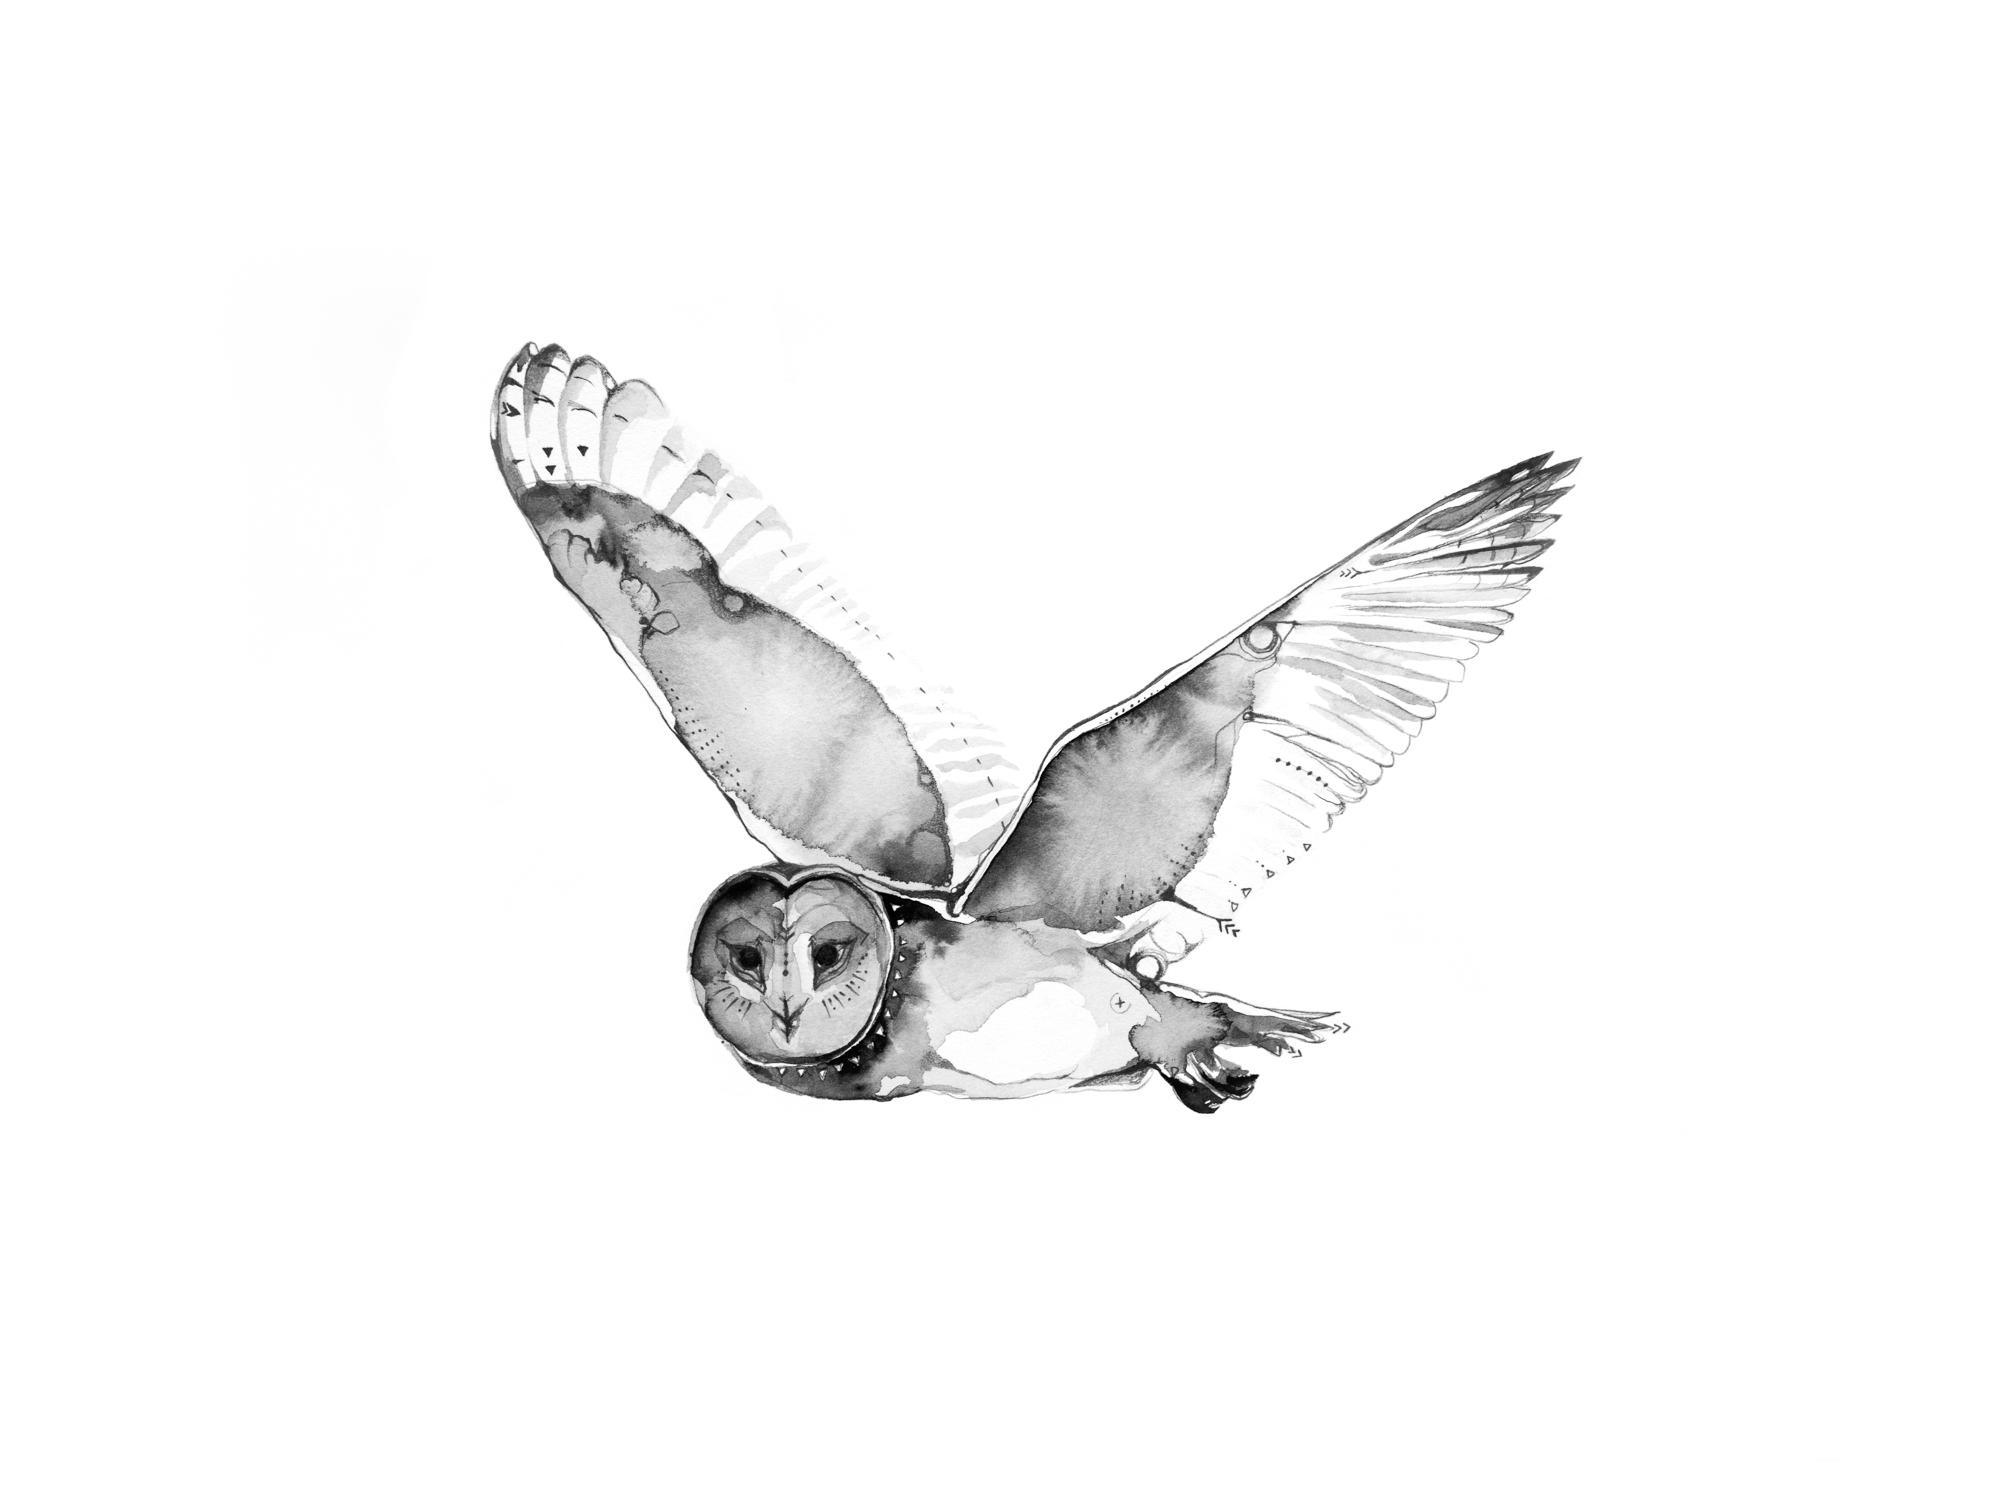 1-Bec_Kilpatrick_Illustration_Antlers_Wingsowl